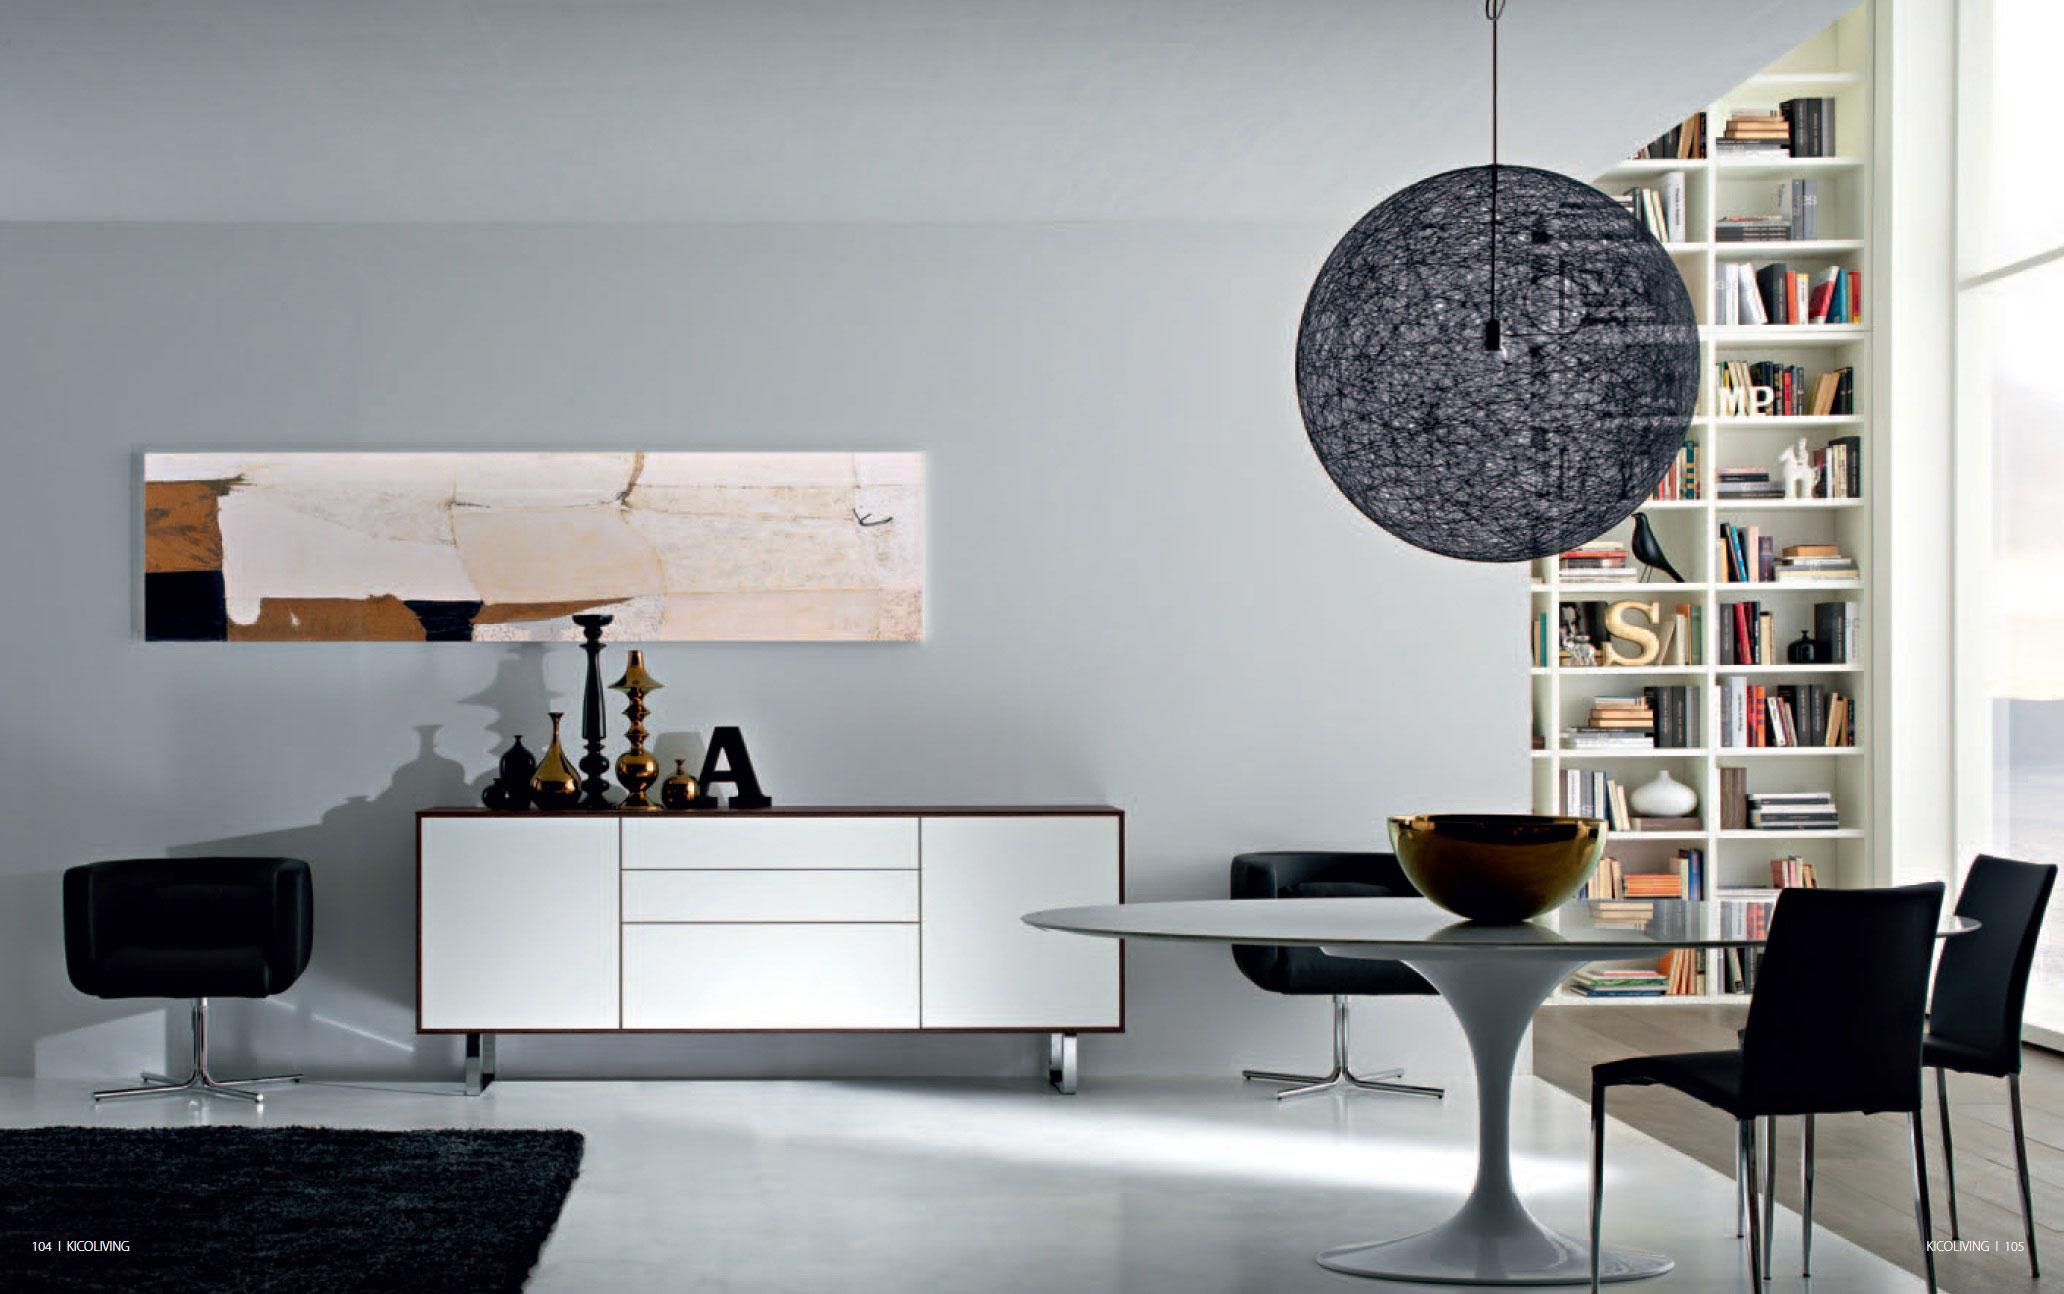 Van de bovenste plank 3853 meubles design italien paris beeld beste voorbeelden afbeeldingen - Meuble sdb ontwerpen ...